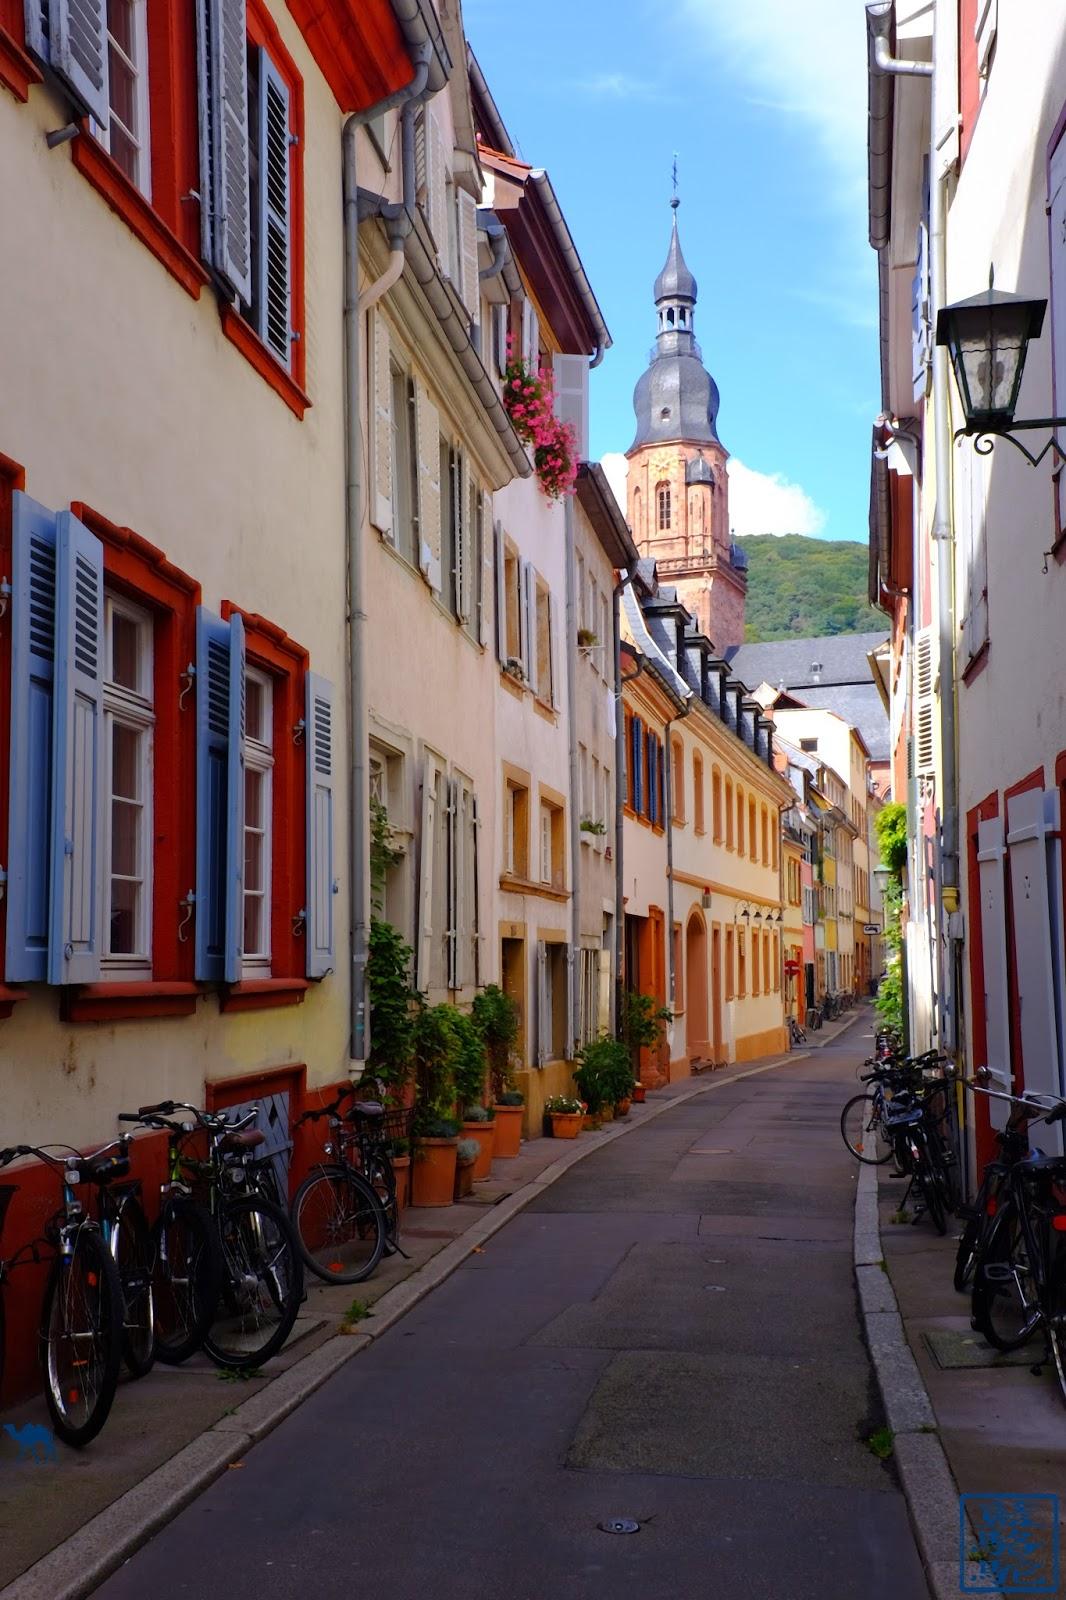 Le Chameau Bleu - Blog Voyage Heildeberg Allemagne - Rue - Heidelberg